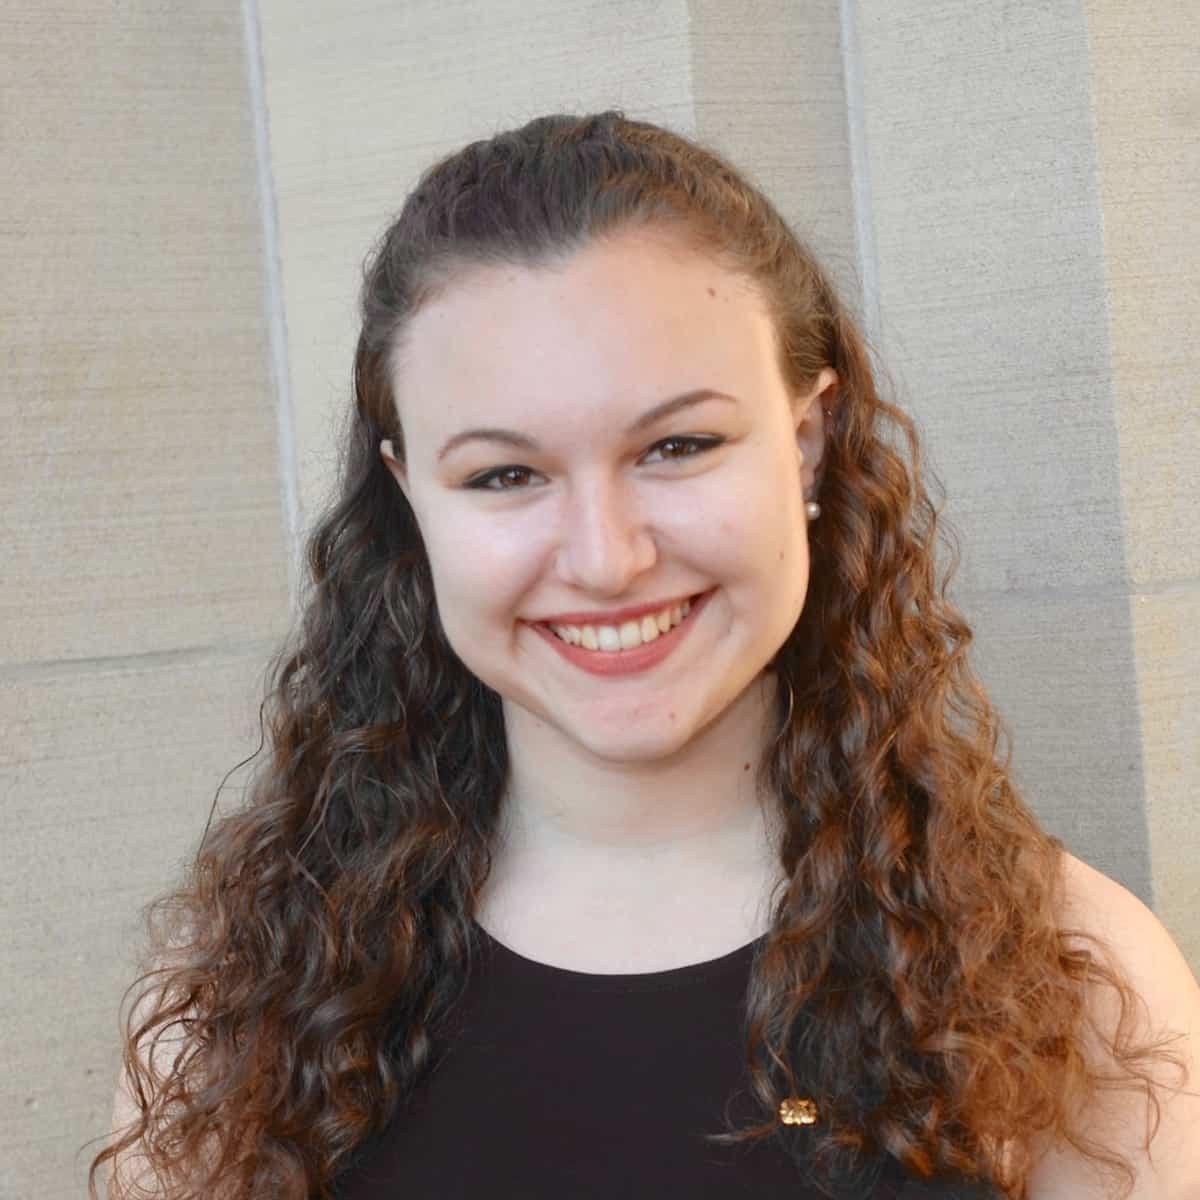 Brooke Greenstein